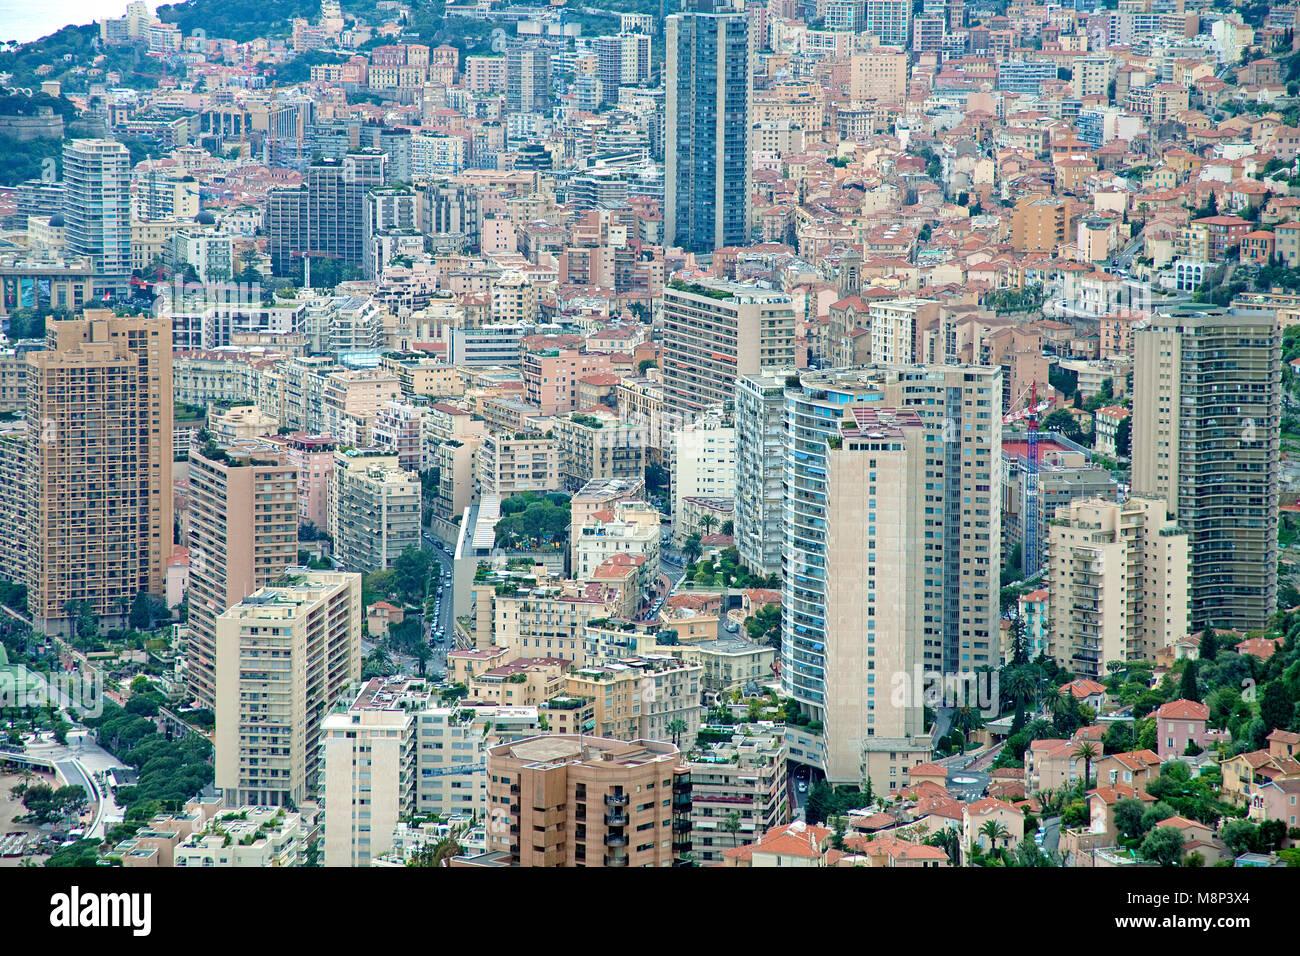 Masse der Häuser, in der Stadt von Monaco, negativen Raum, Monaco-Ville, Fürstentum Monaco, Europa Stockbild